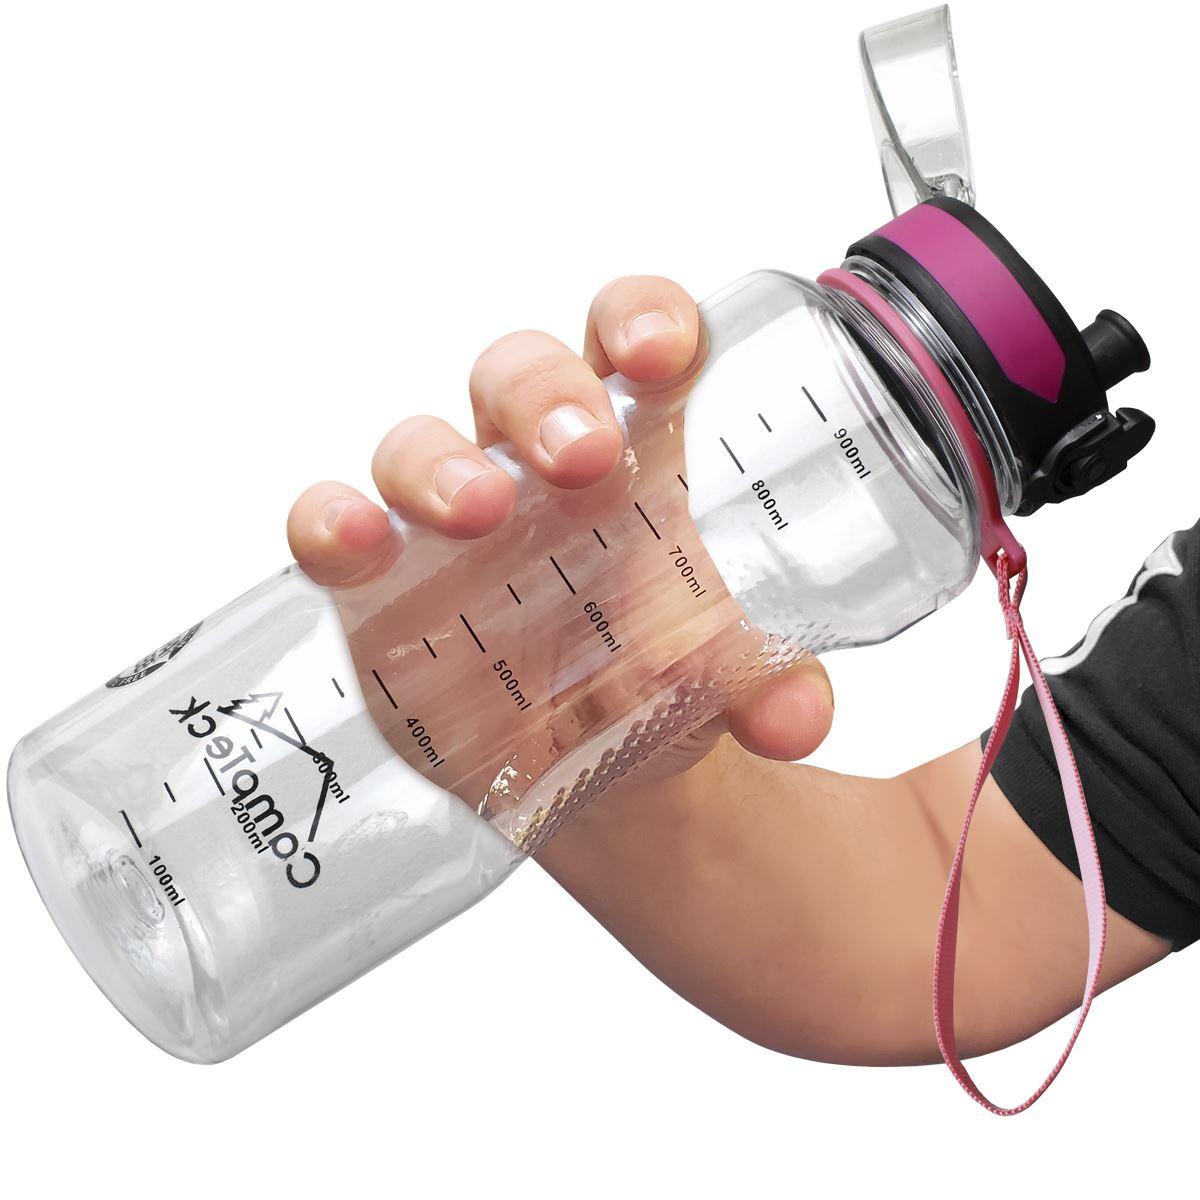 Sports-1-Litre-Water-Bottle-1000ml-BPA-Free-Leak-Proof-Drinks-Flip-Lock-Lid thumbnail 8